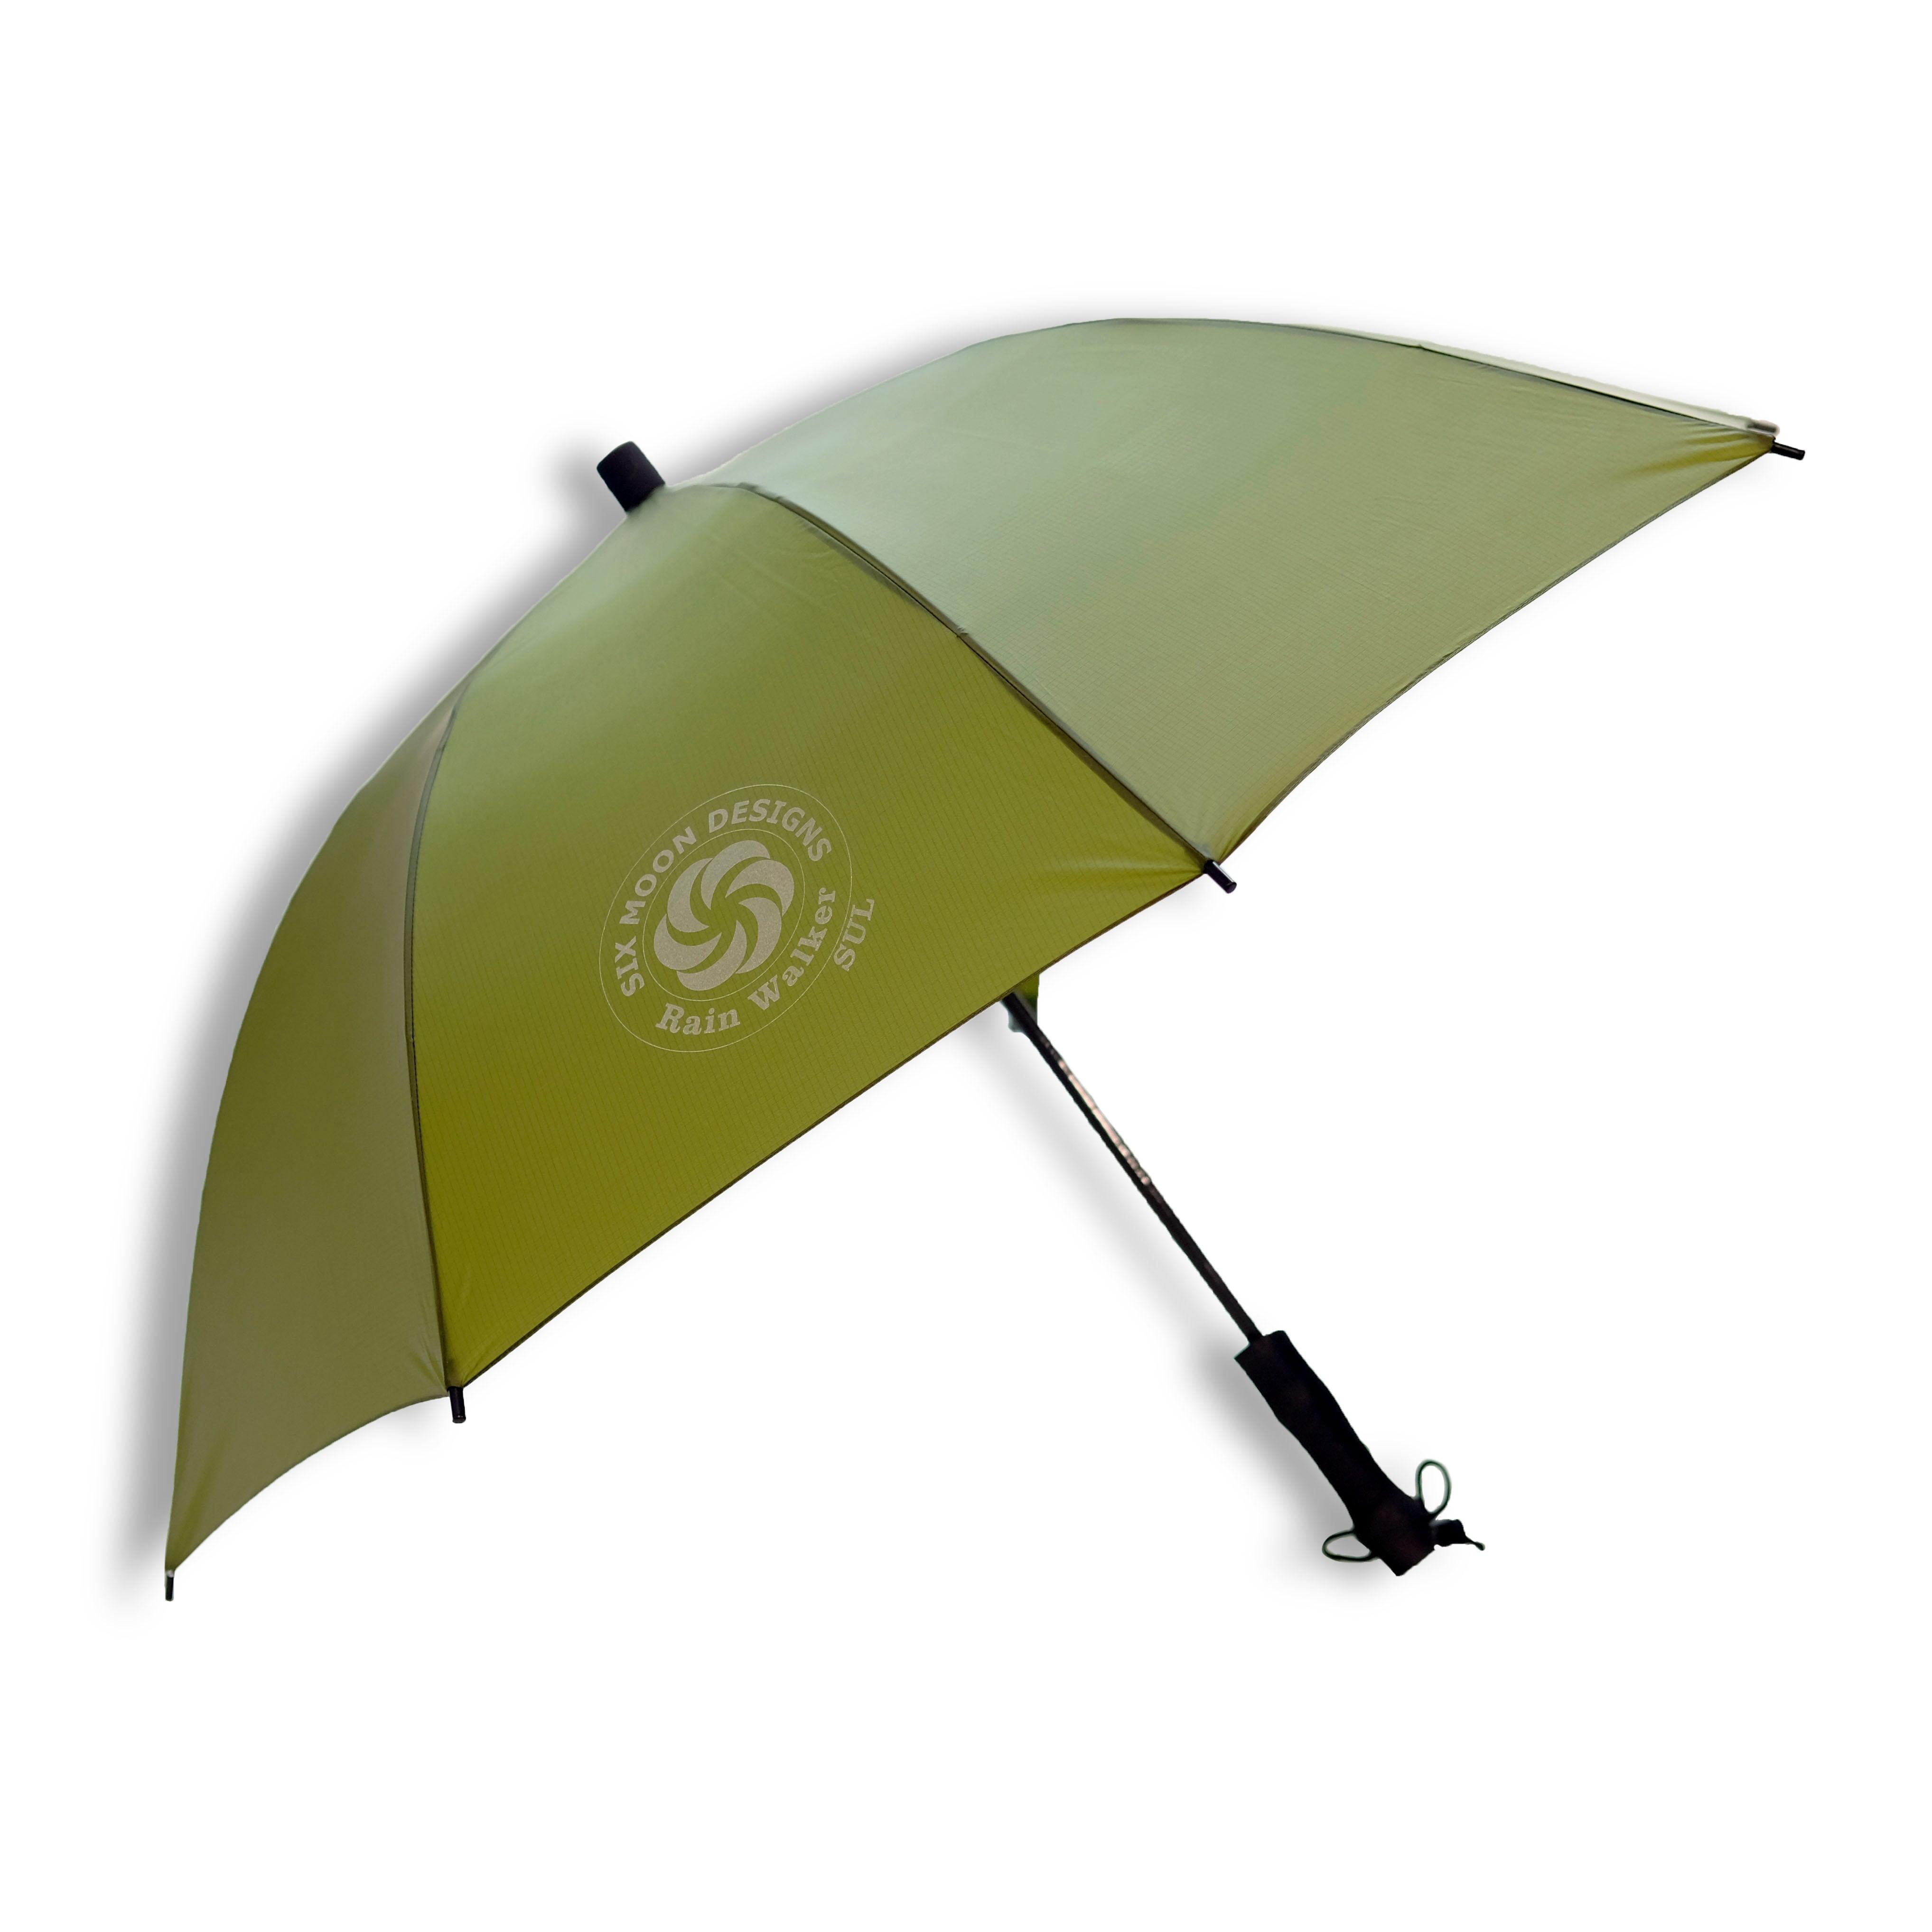 SIX MOON DESIGNS / RAIN WALKER SUL UMBRELLA